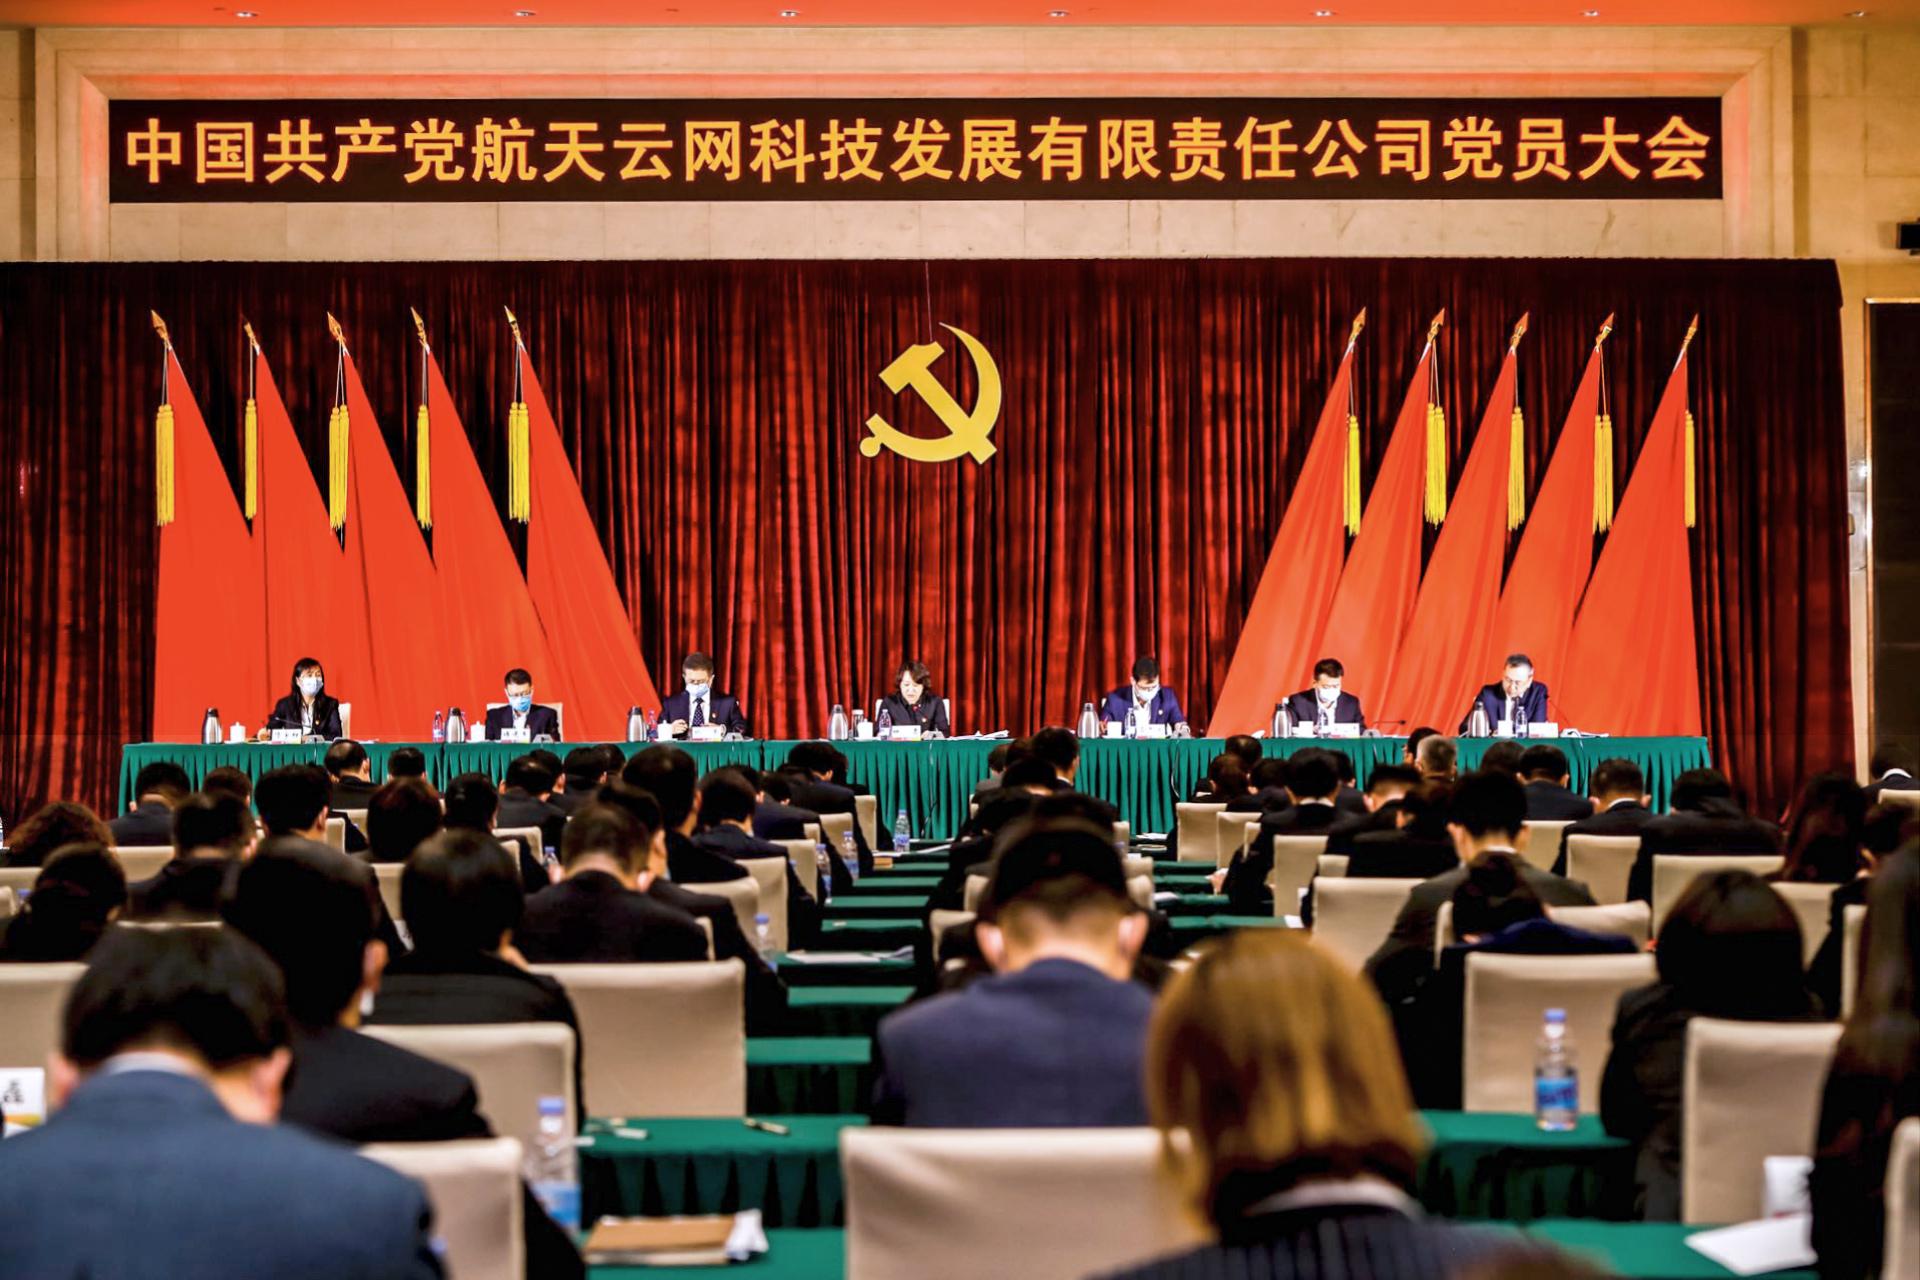 中共航天云网公司党员大会在京召开